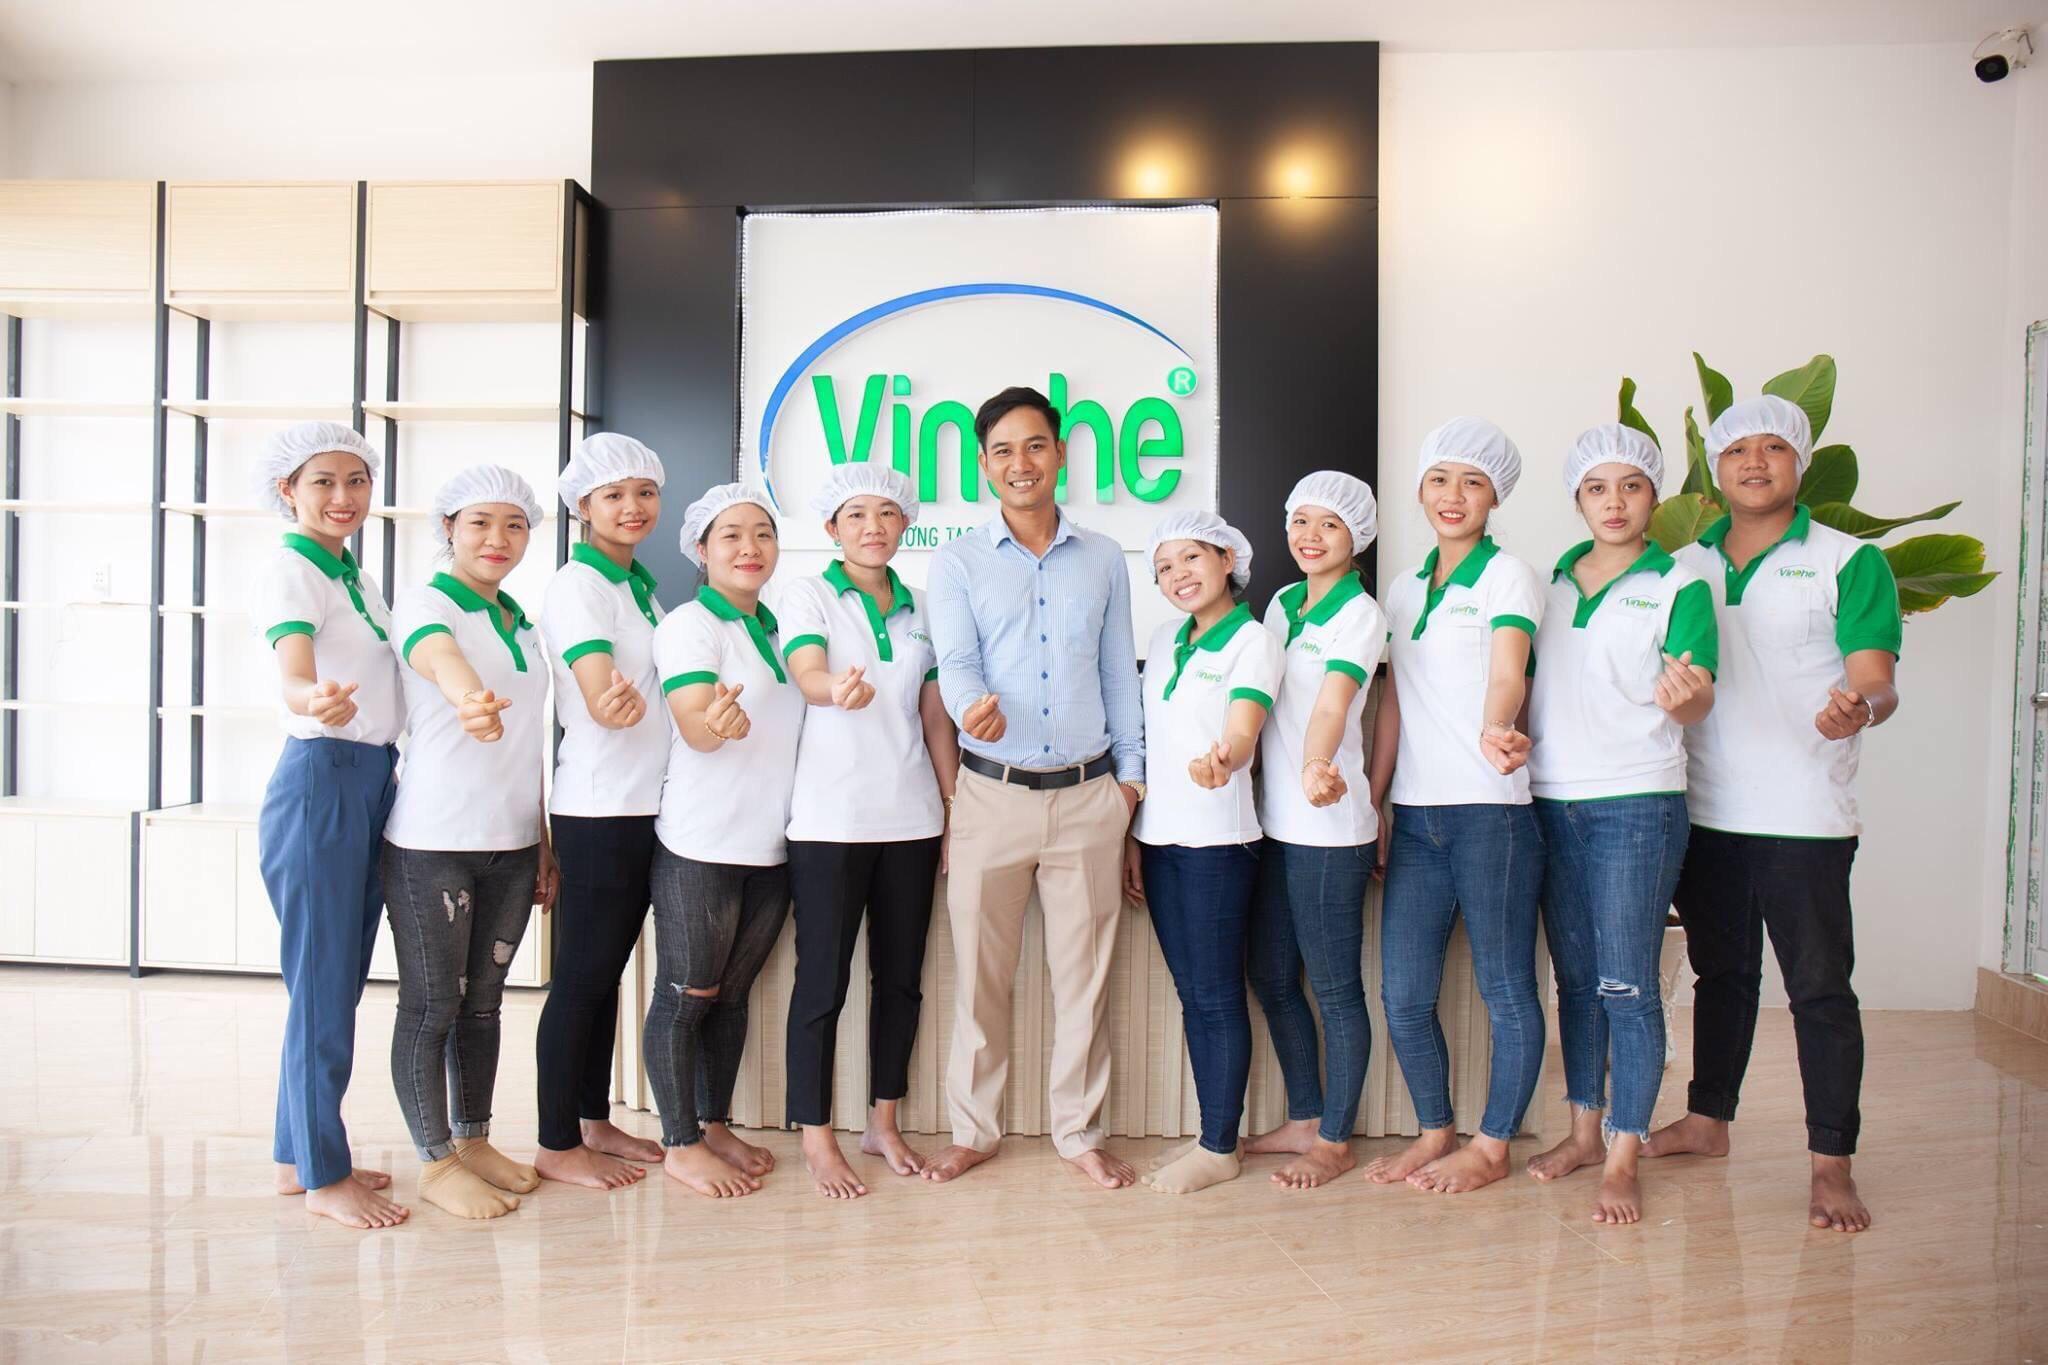 Ông chủ trẻ Nguyễn Hoàng Đạt (chính giữa) cùng các nhân viên công ty Vinahe.